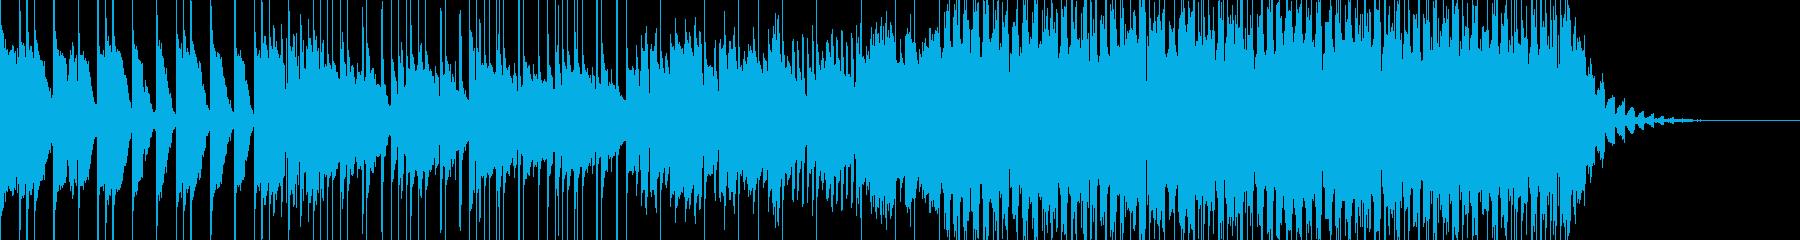 キャッチーなトロピカルポップハウスの再生済みの波形